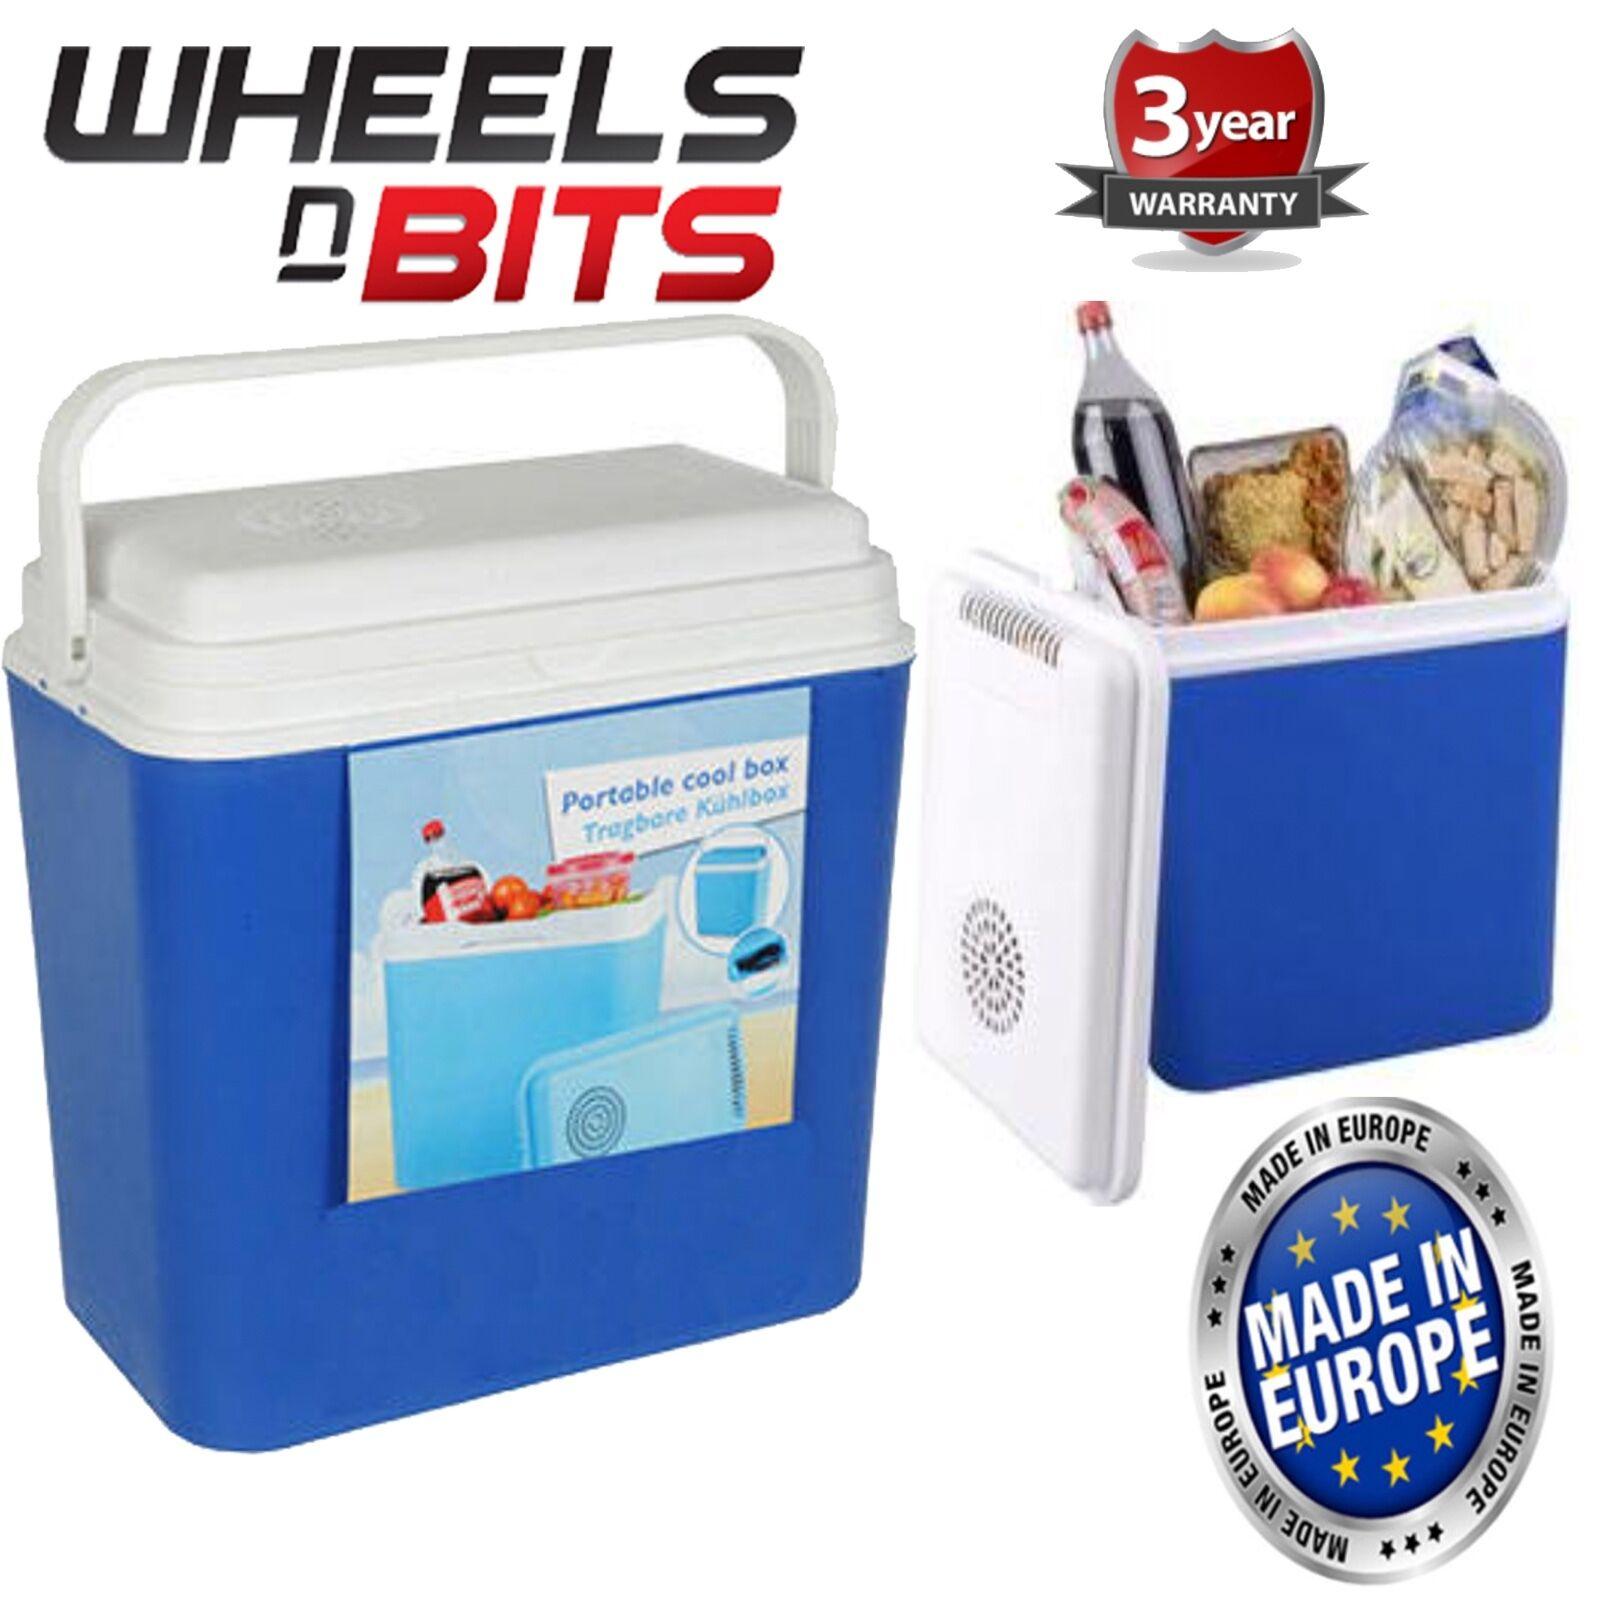 Groß 12V Kühlbox 22 Liter Kapazität Tragbar Kühlbox Hochwertig Eu Hergestellt